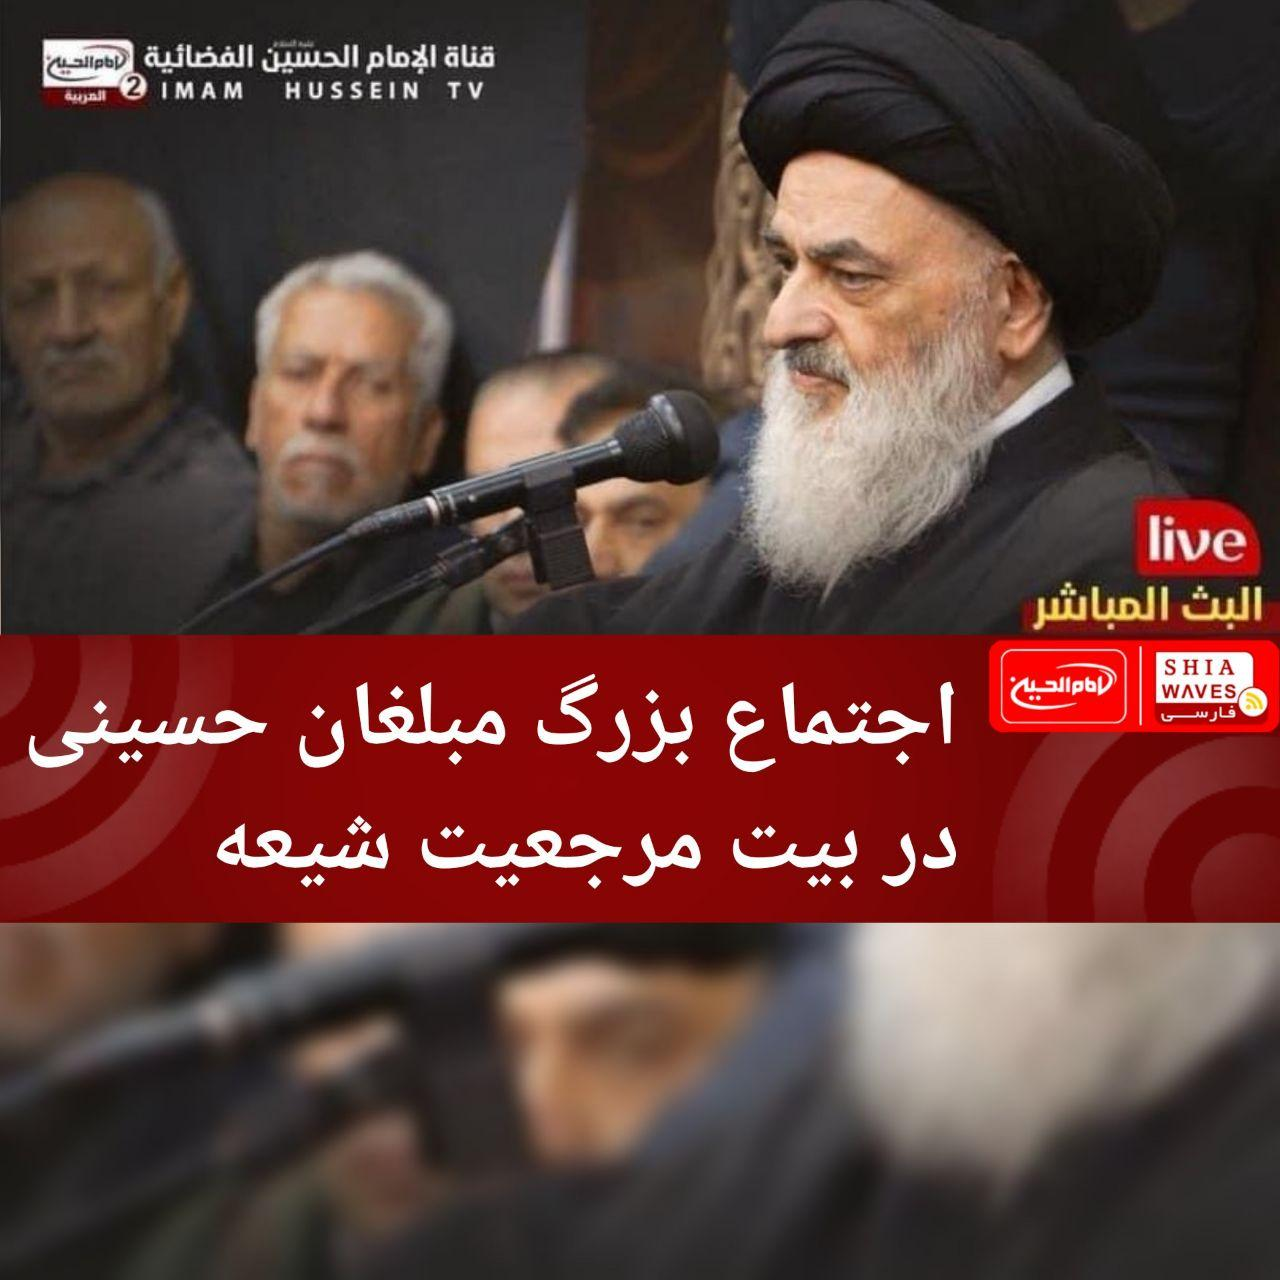 تصویر اجتماع بزرگ مبلغان حسینی در بیت مرجعیت شیعه